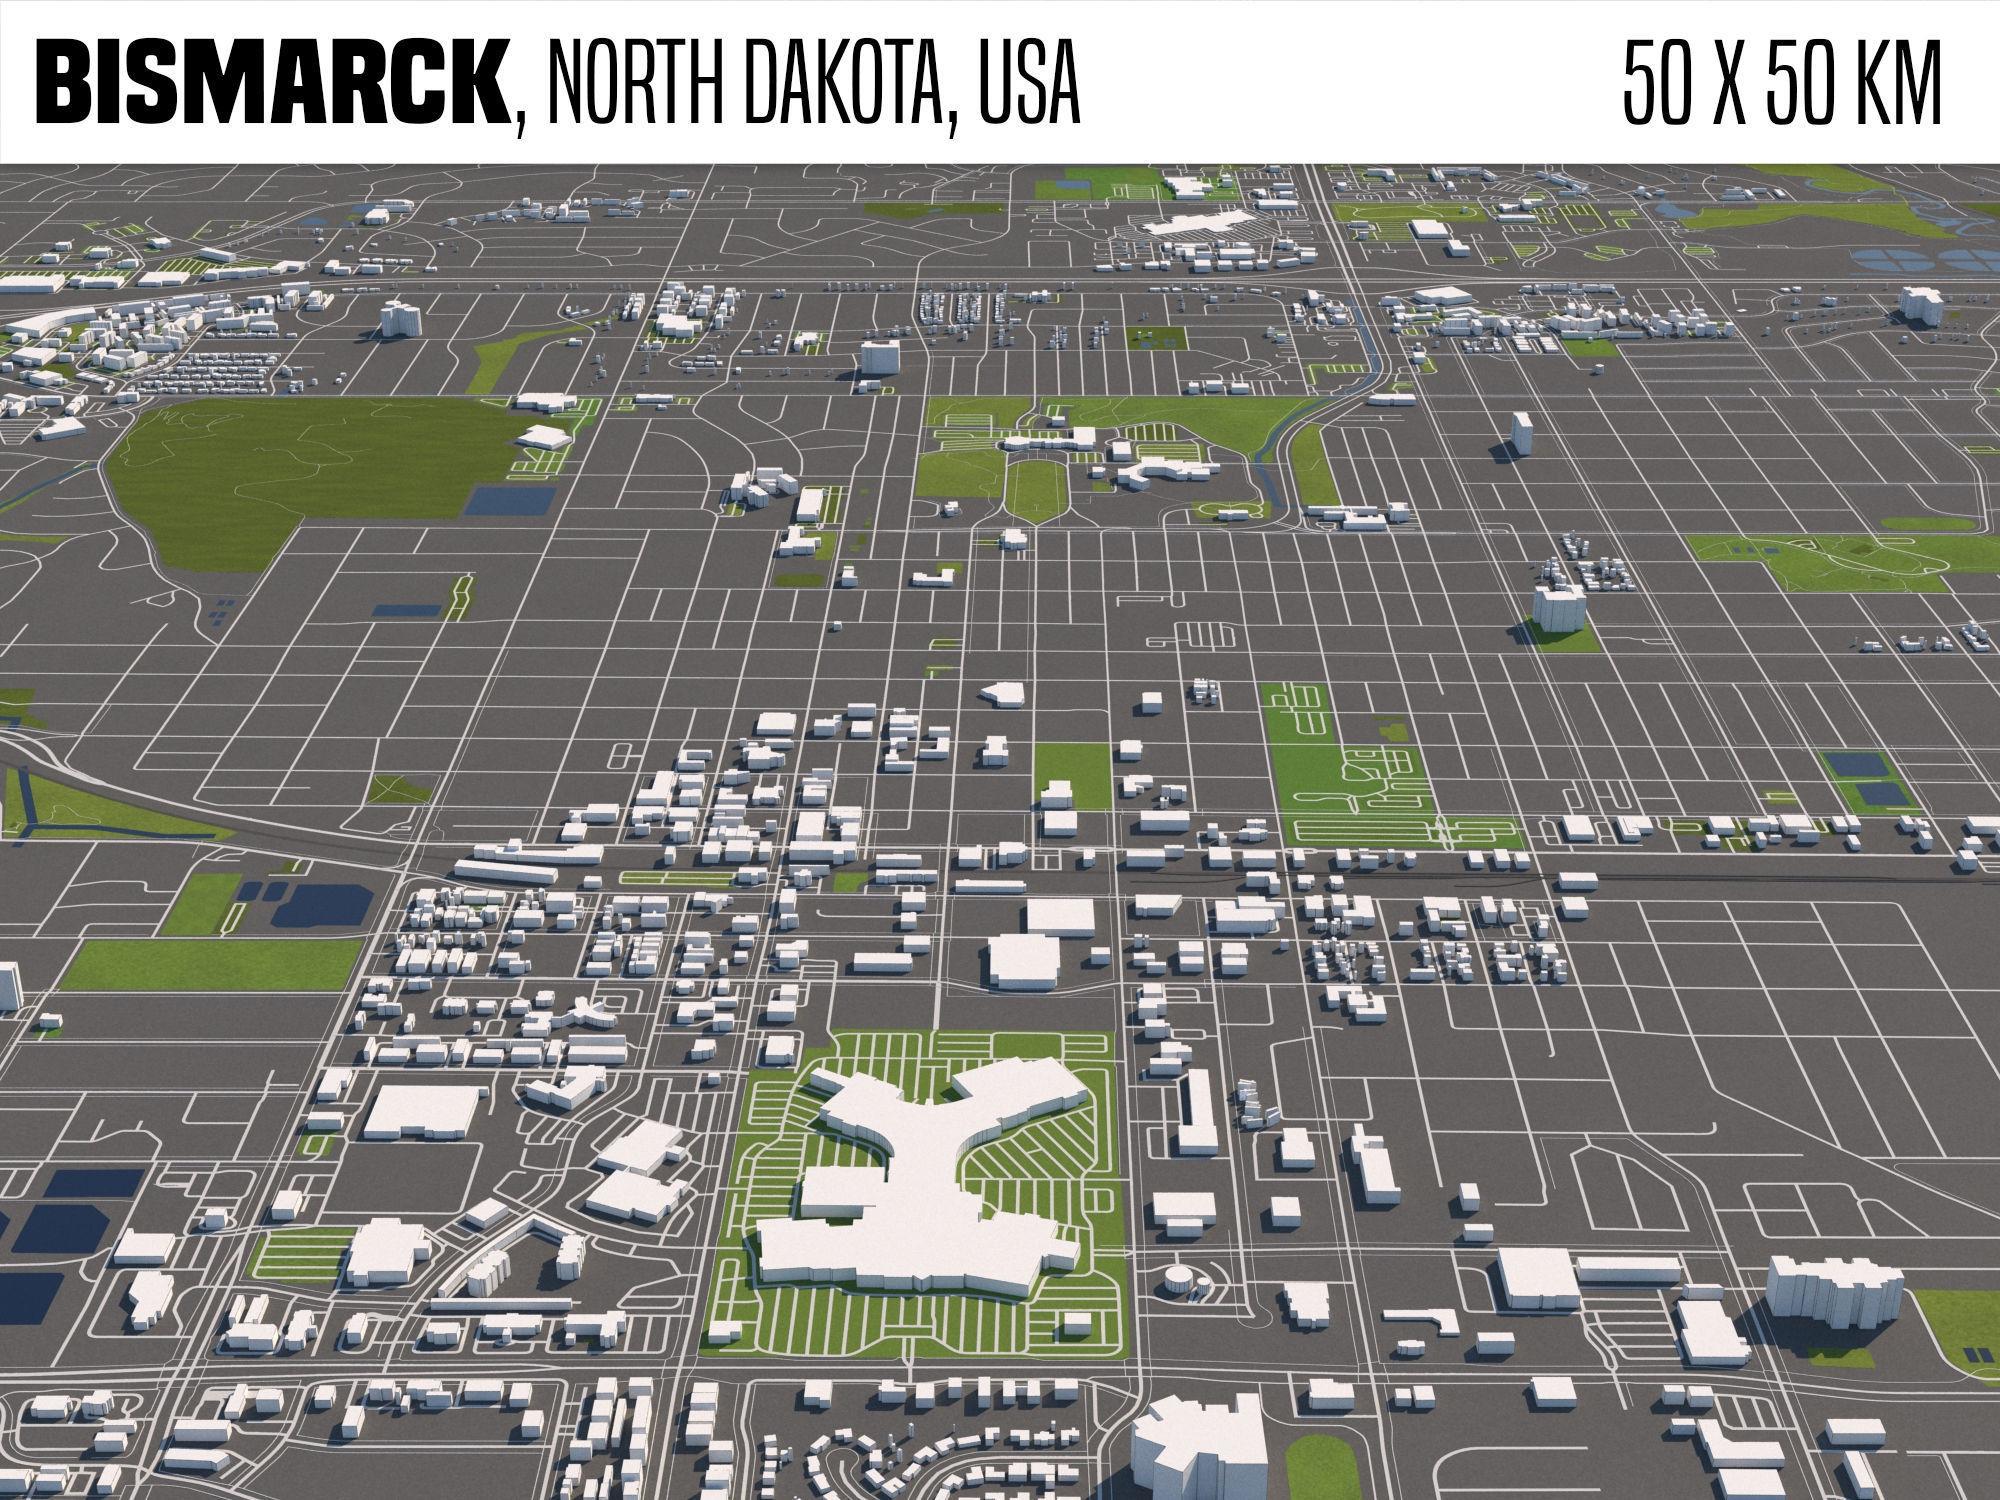 Bismarck North Dakota USA 50x50km